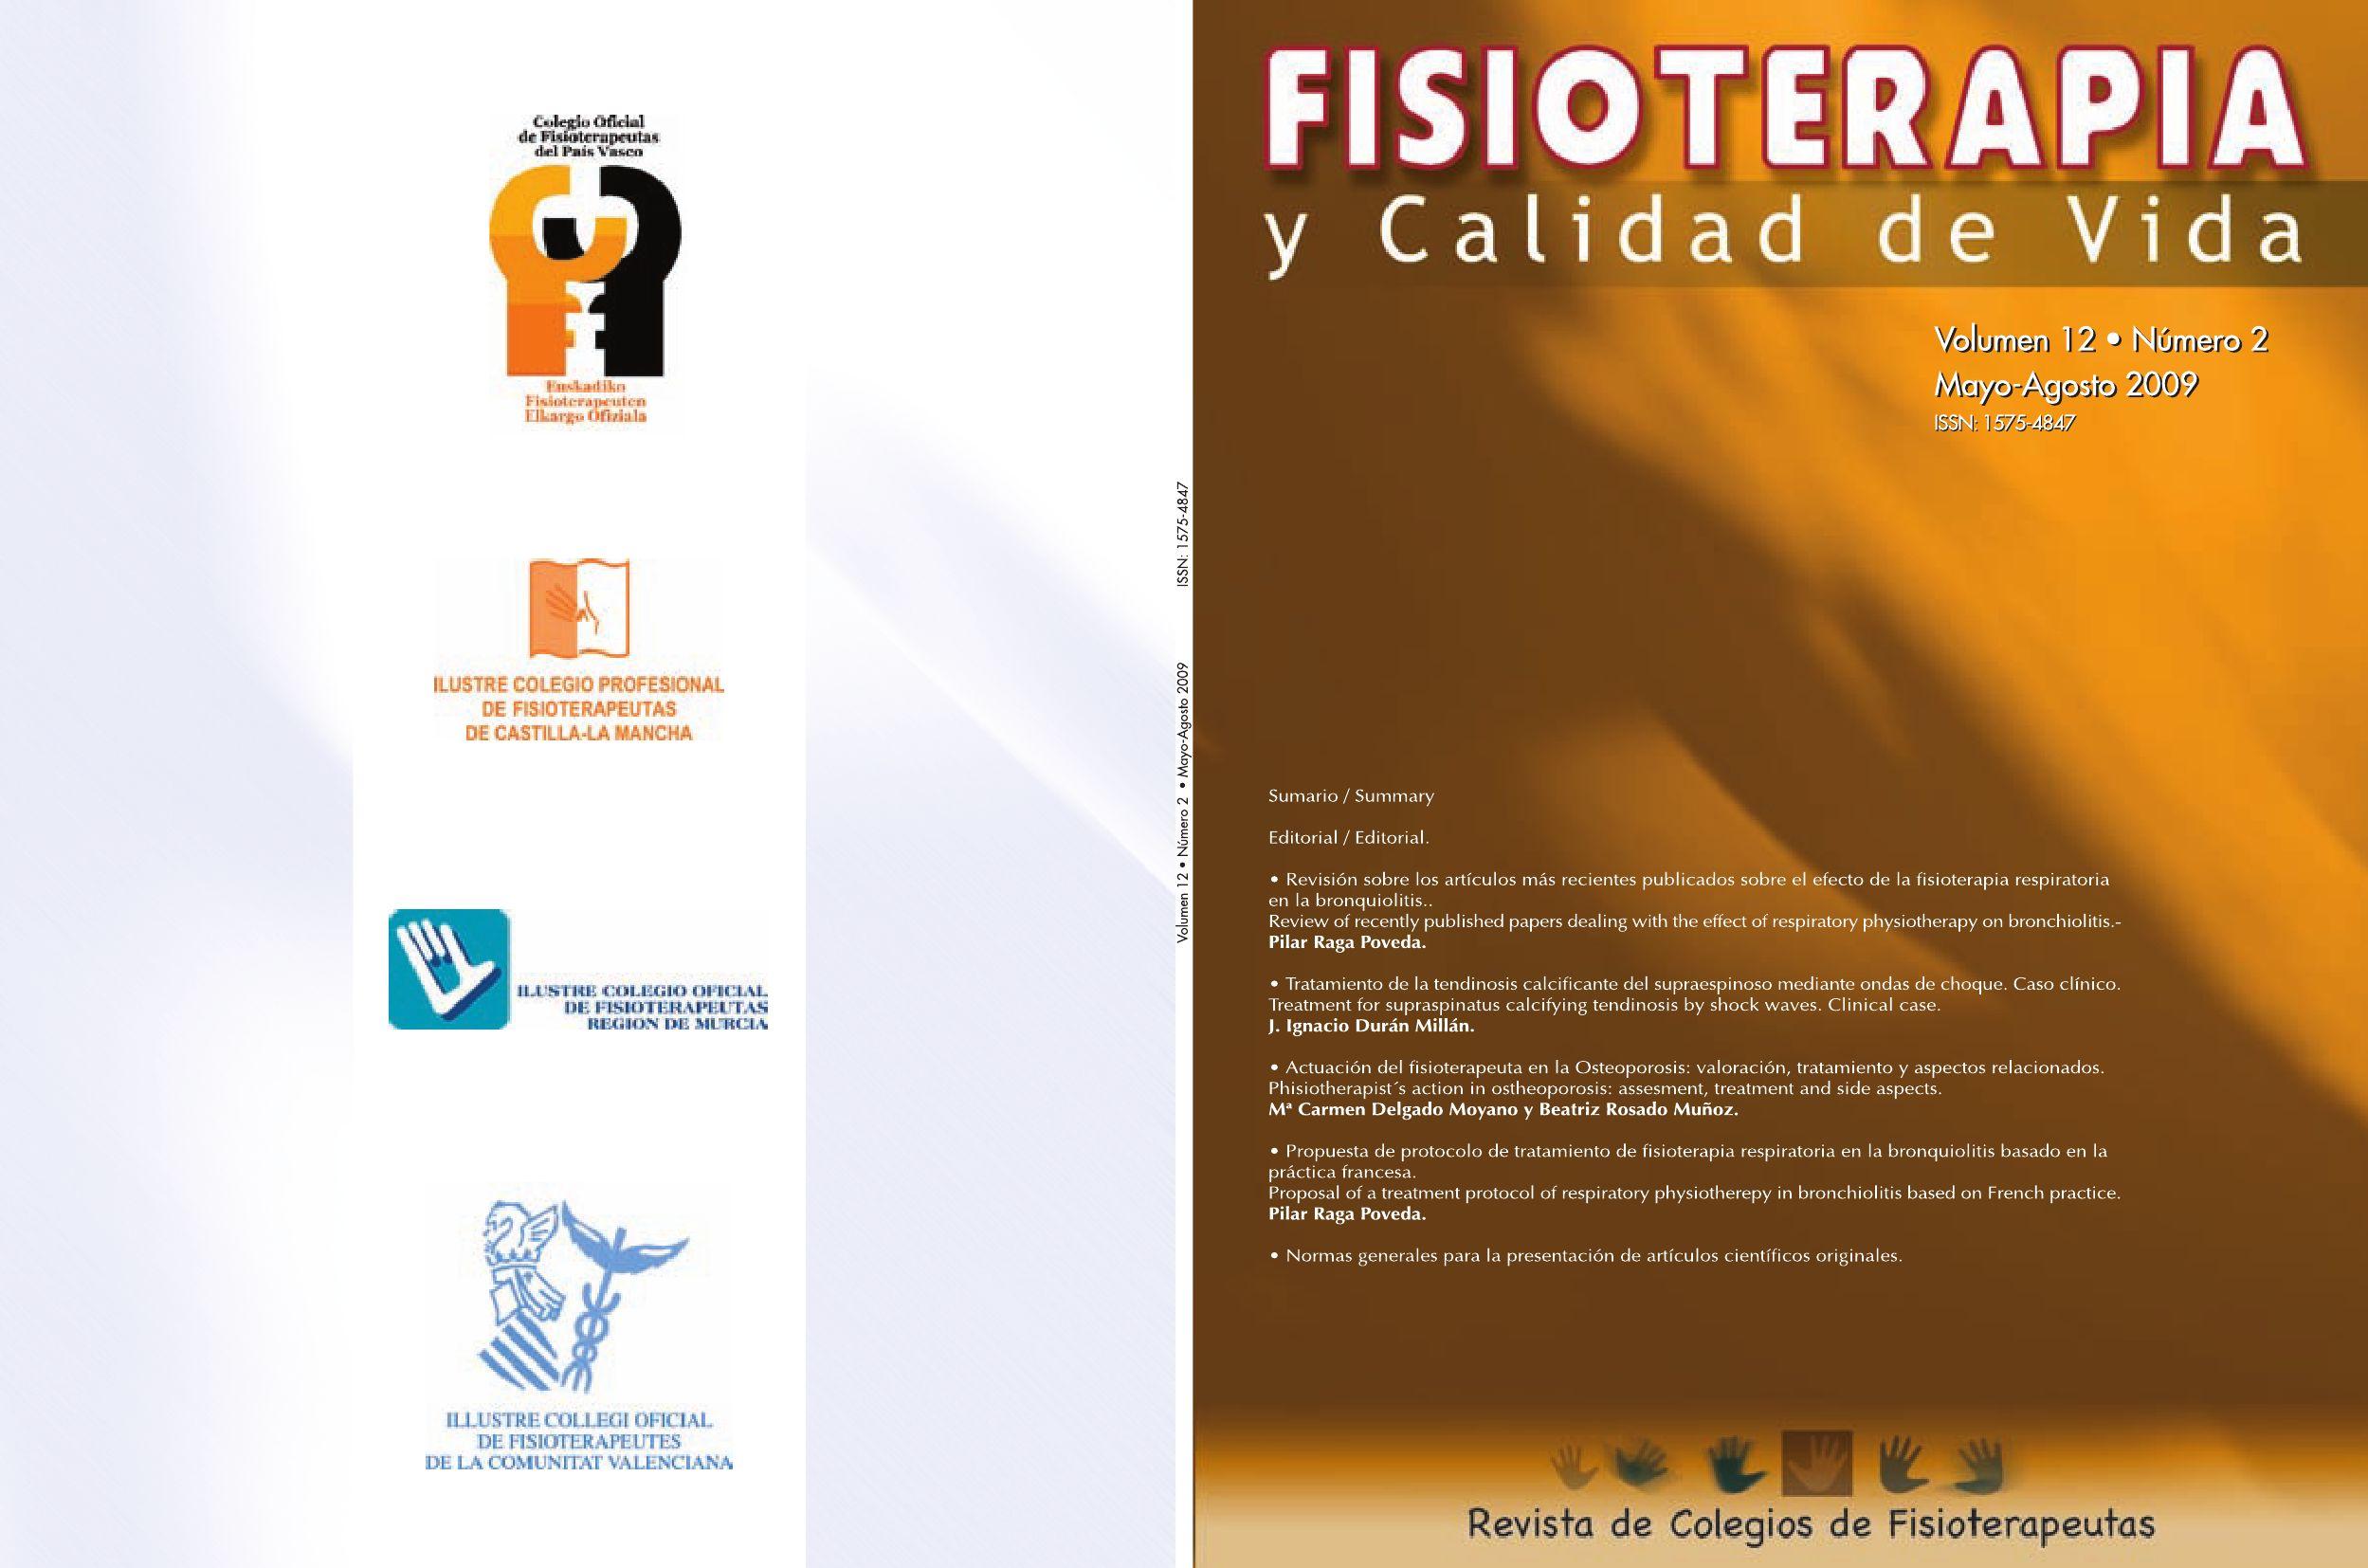 FISIOTERAPIA Y CALIDAD DE VIDA by ICOFCV - issuu